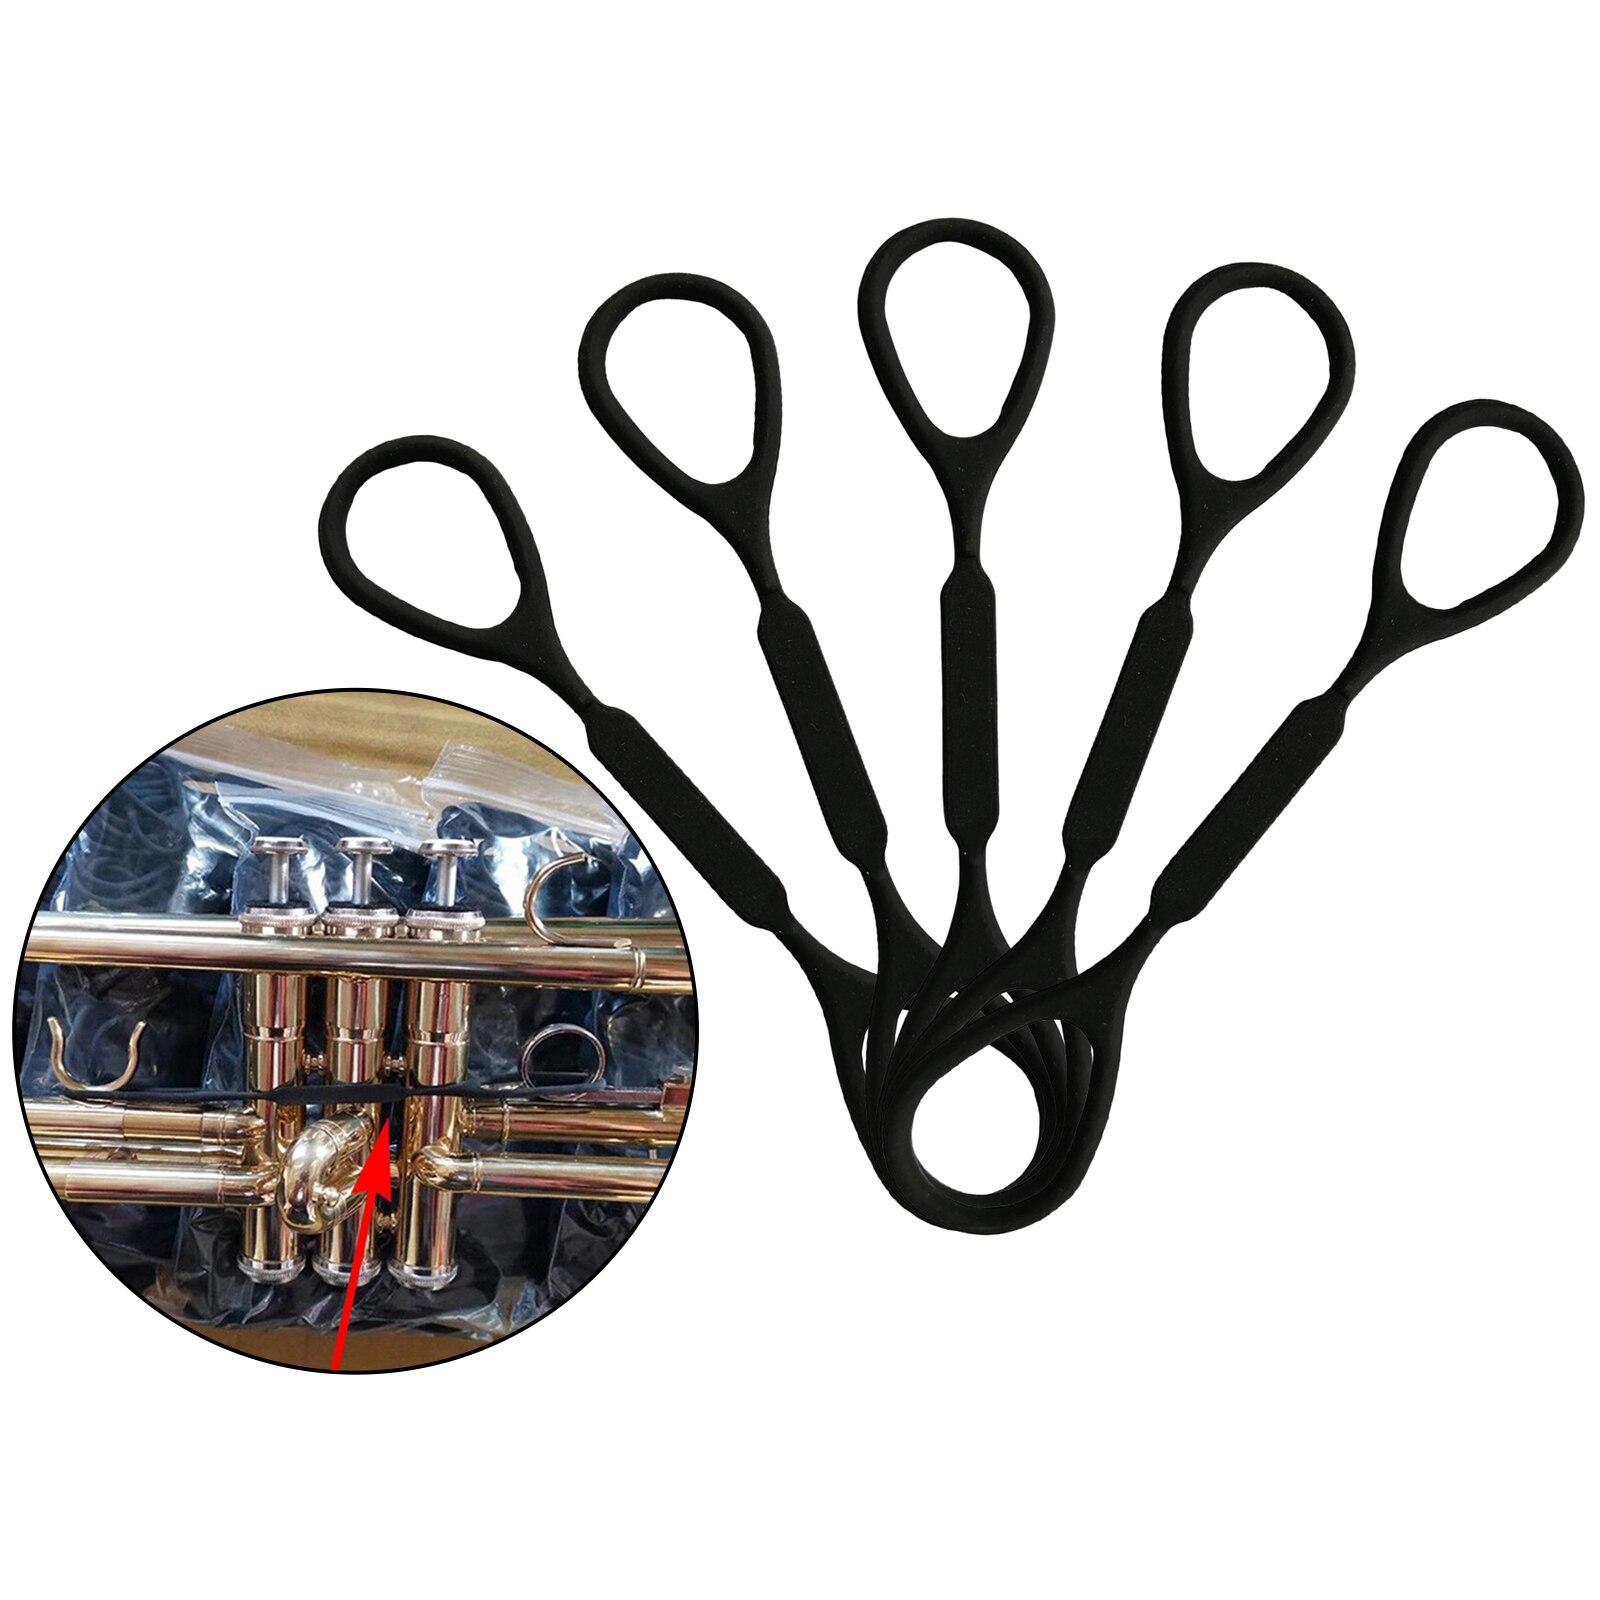 5 шт. силиконовая резиновая труба скользящая пробка аксессуары для музыкальных инструментов